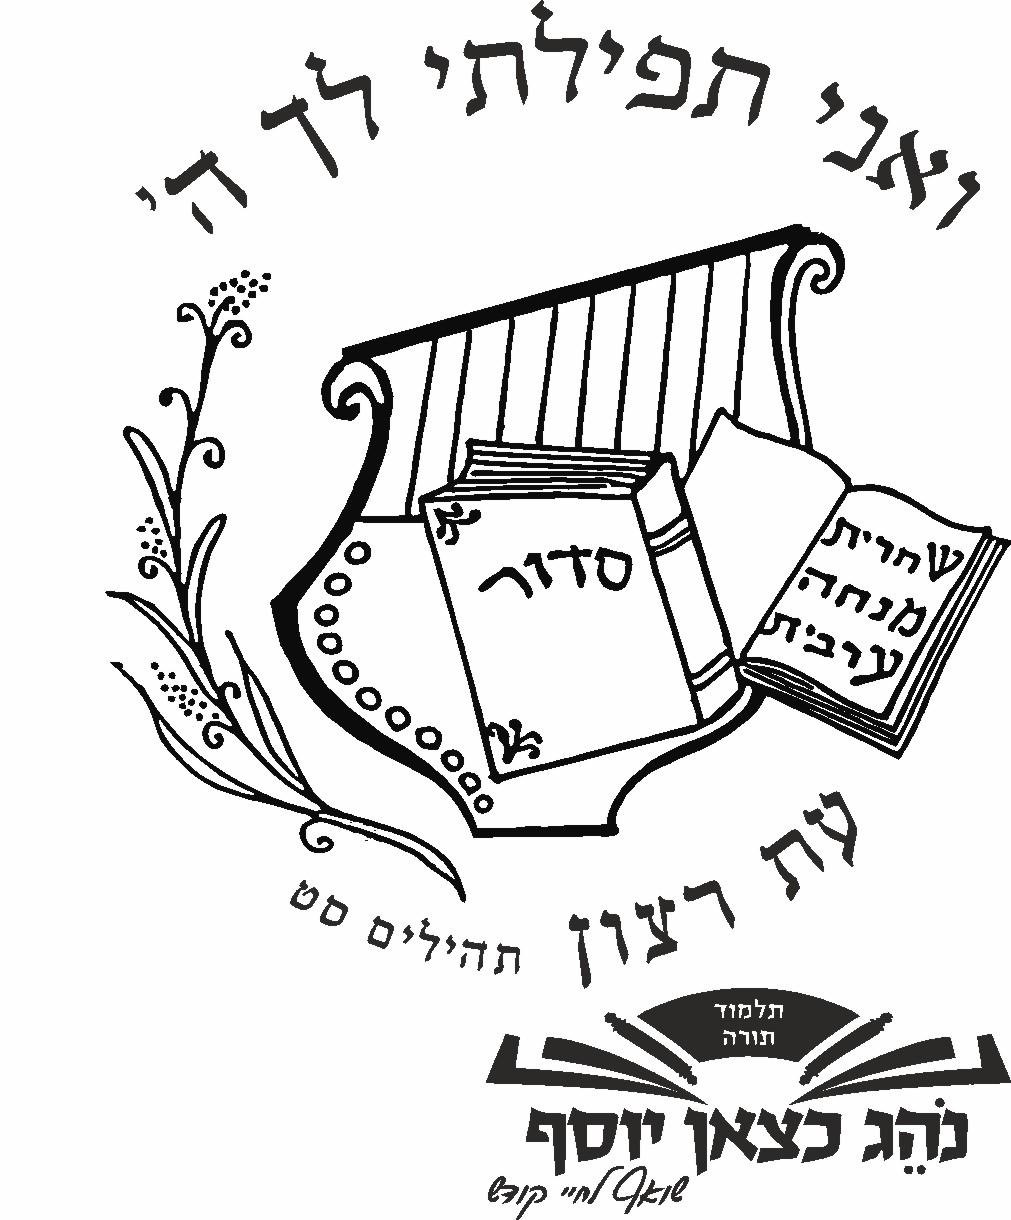 עטיפות לסידור בית ספר נהג כצאן יוסף-נריה